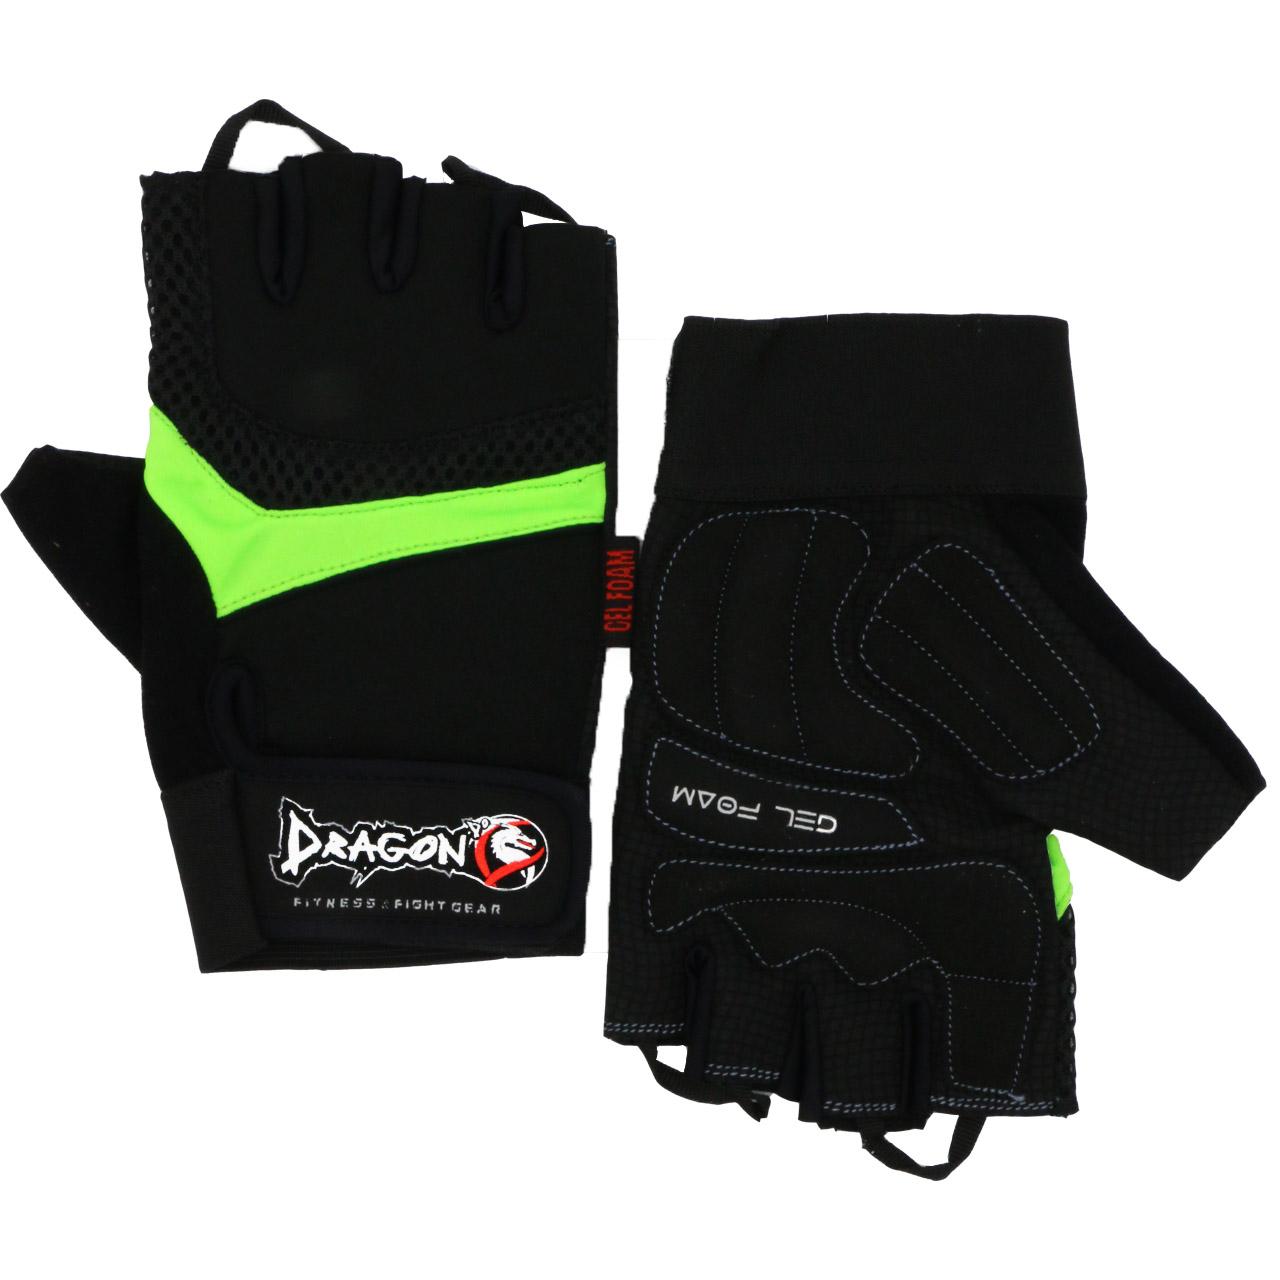 دستکش بدنسازی دراگون دو مدل Body 41